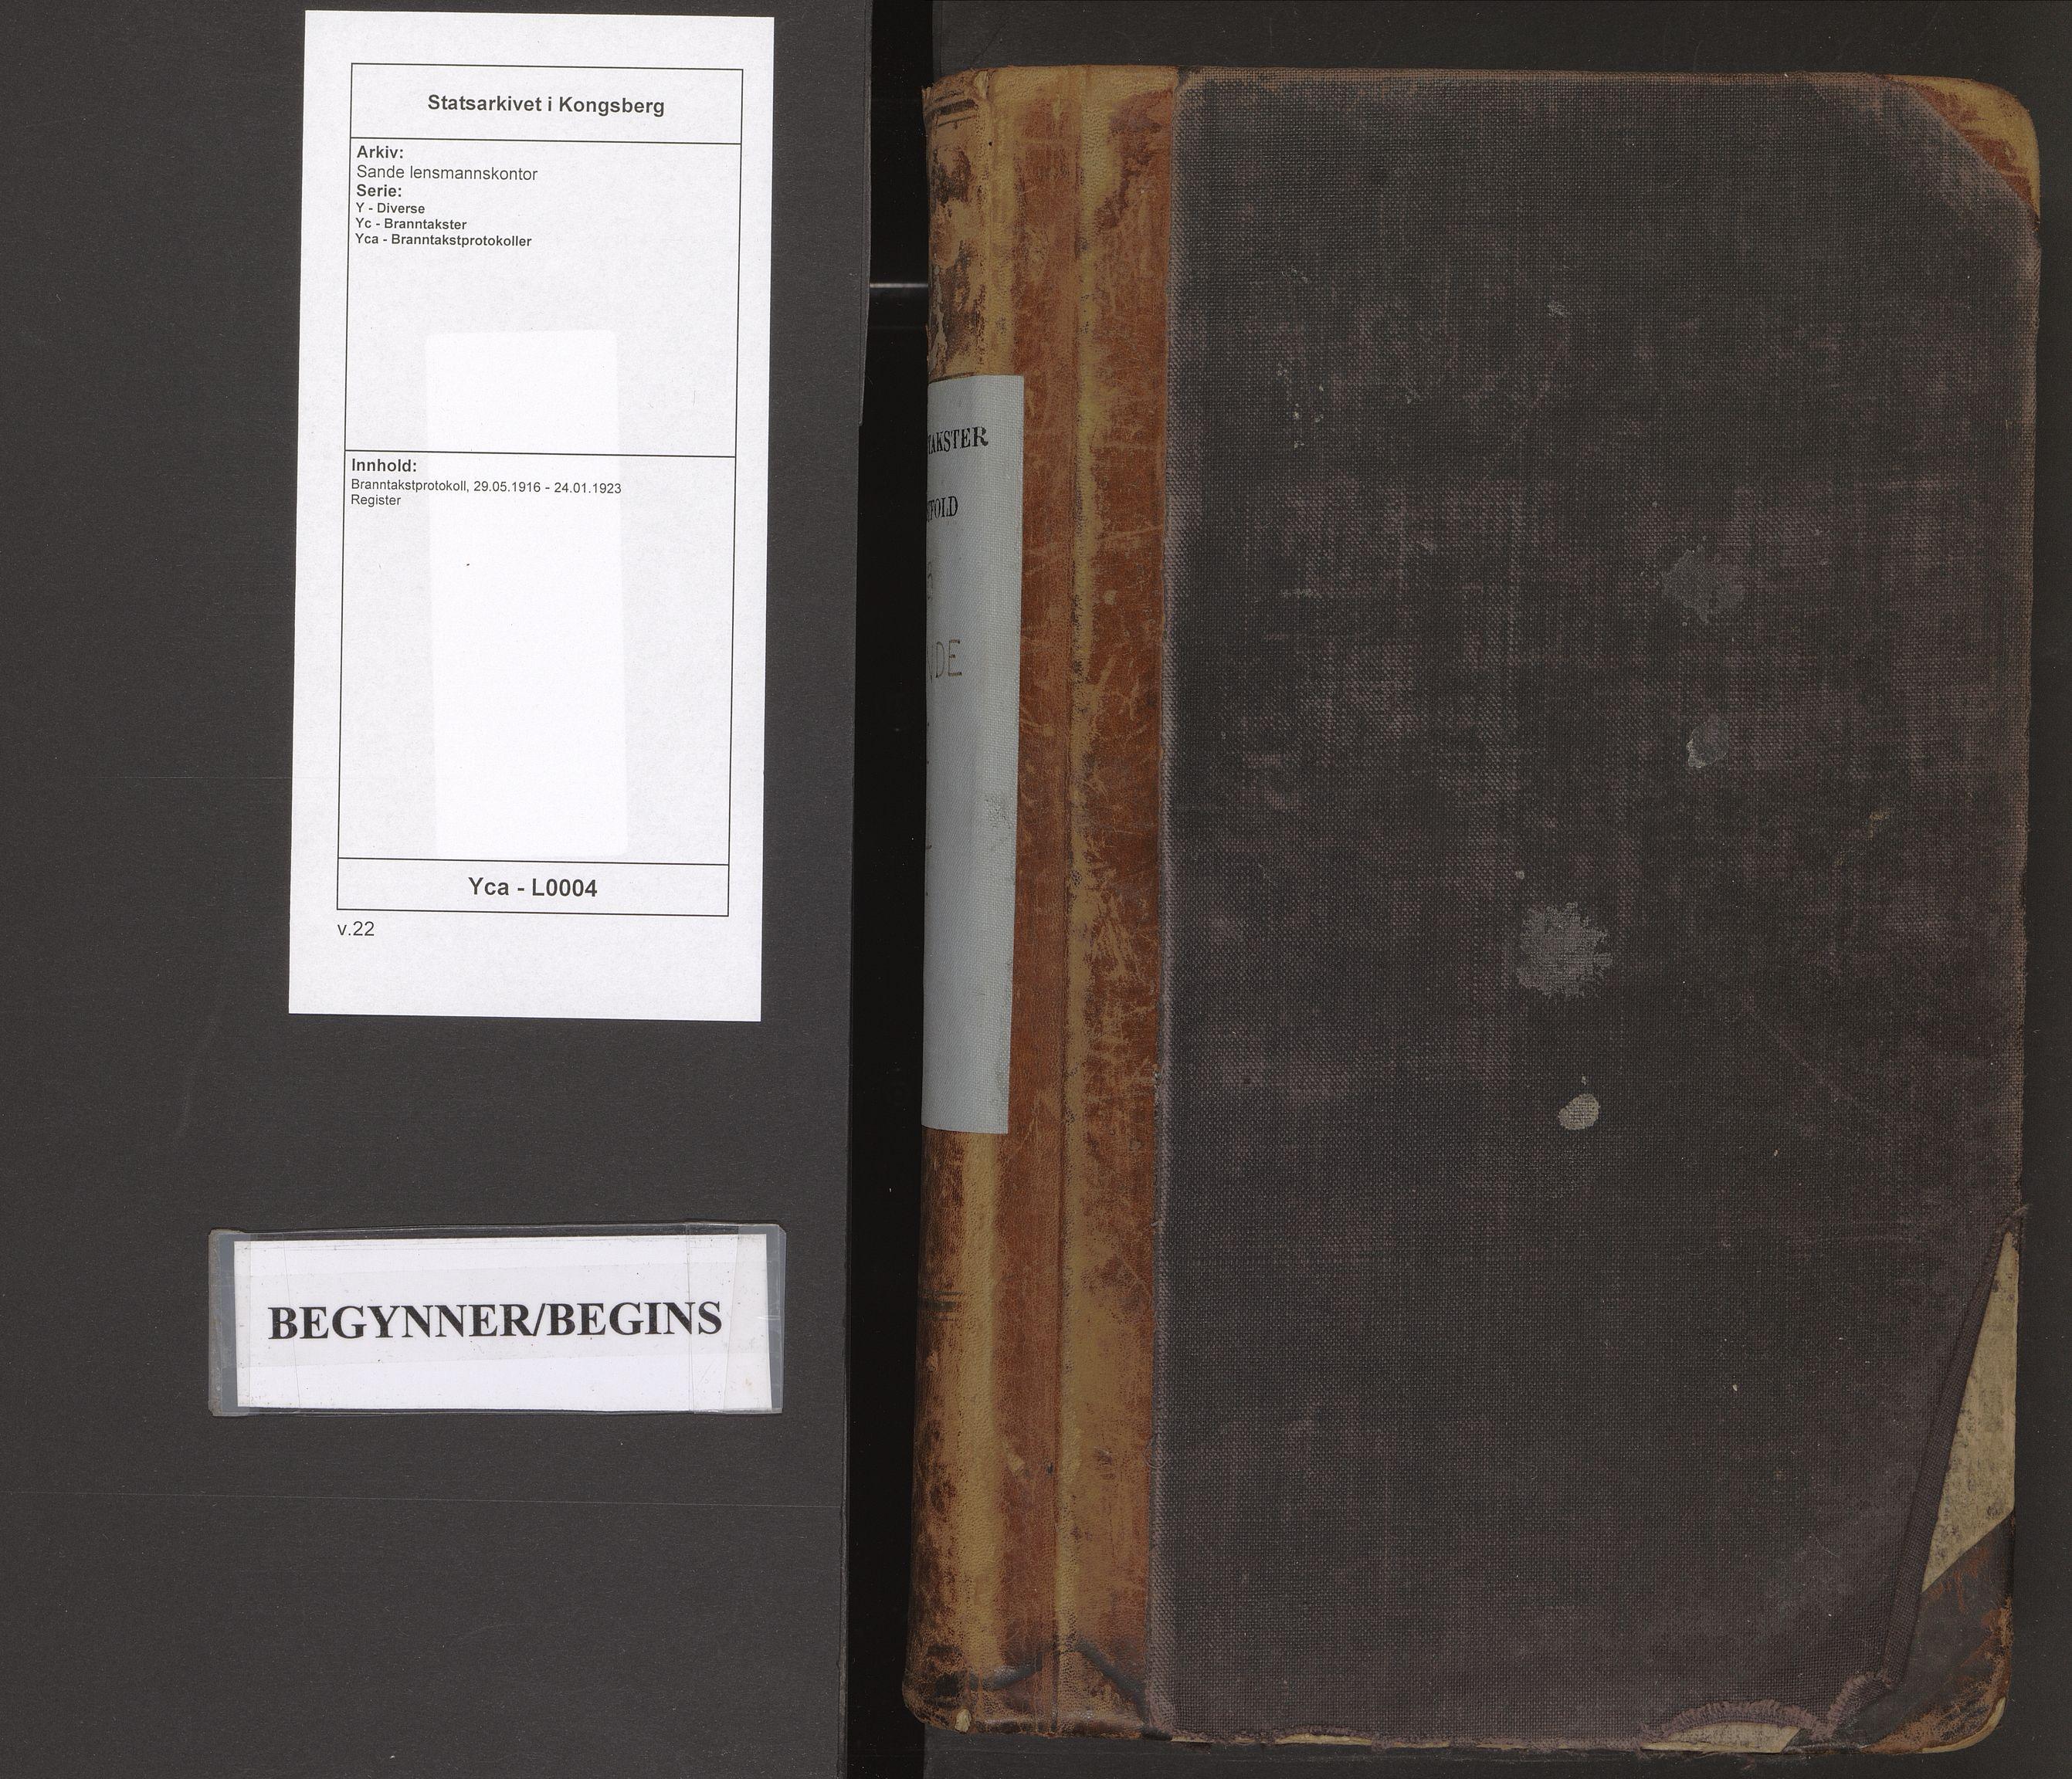 SAKO, Sande lensmannskontor, Y/Yc/Yca/L0004: Branntakstprotokoll, 1916-1923